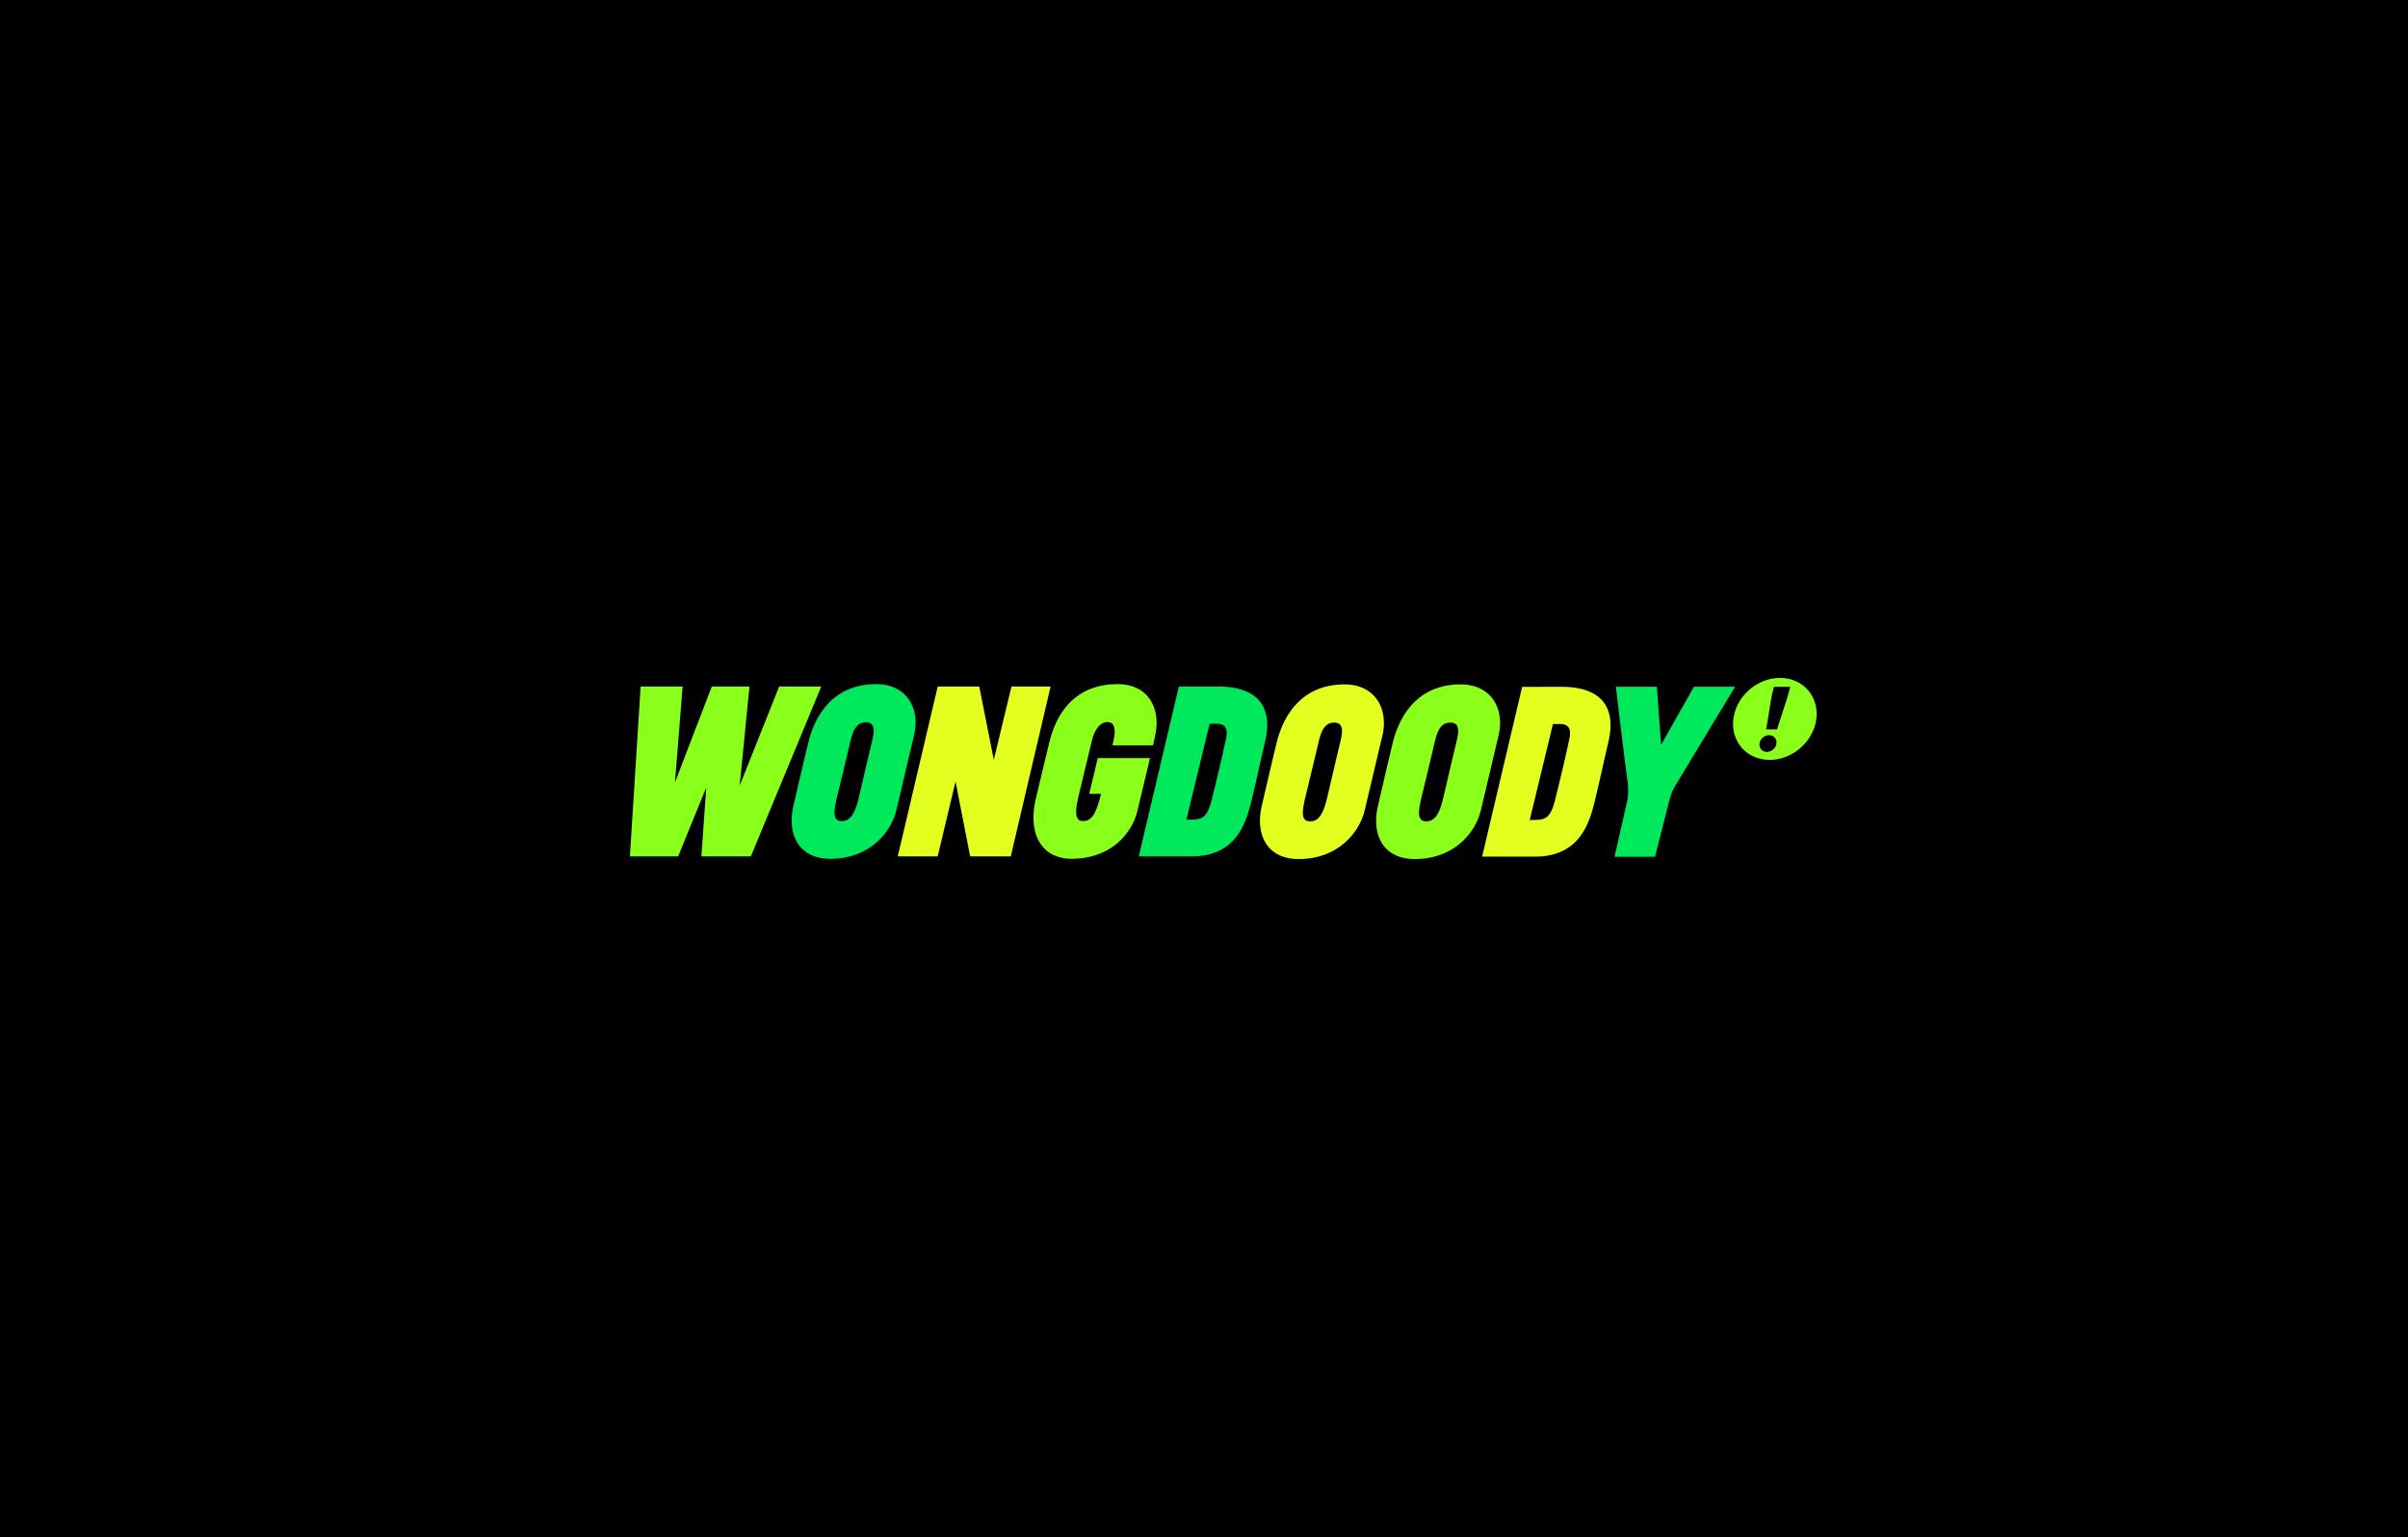 Wongdoody_NewLogo.png